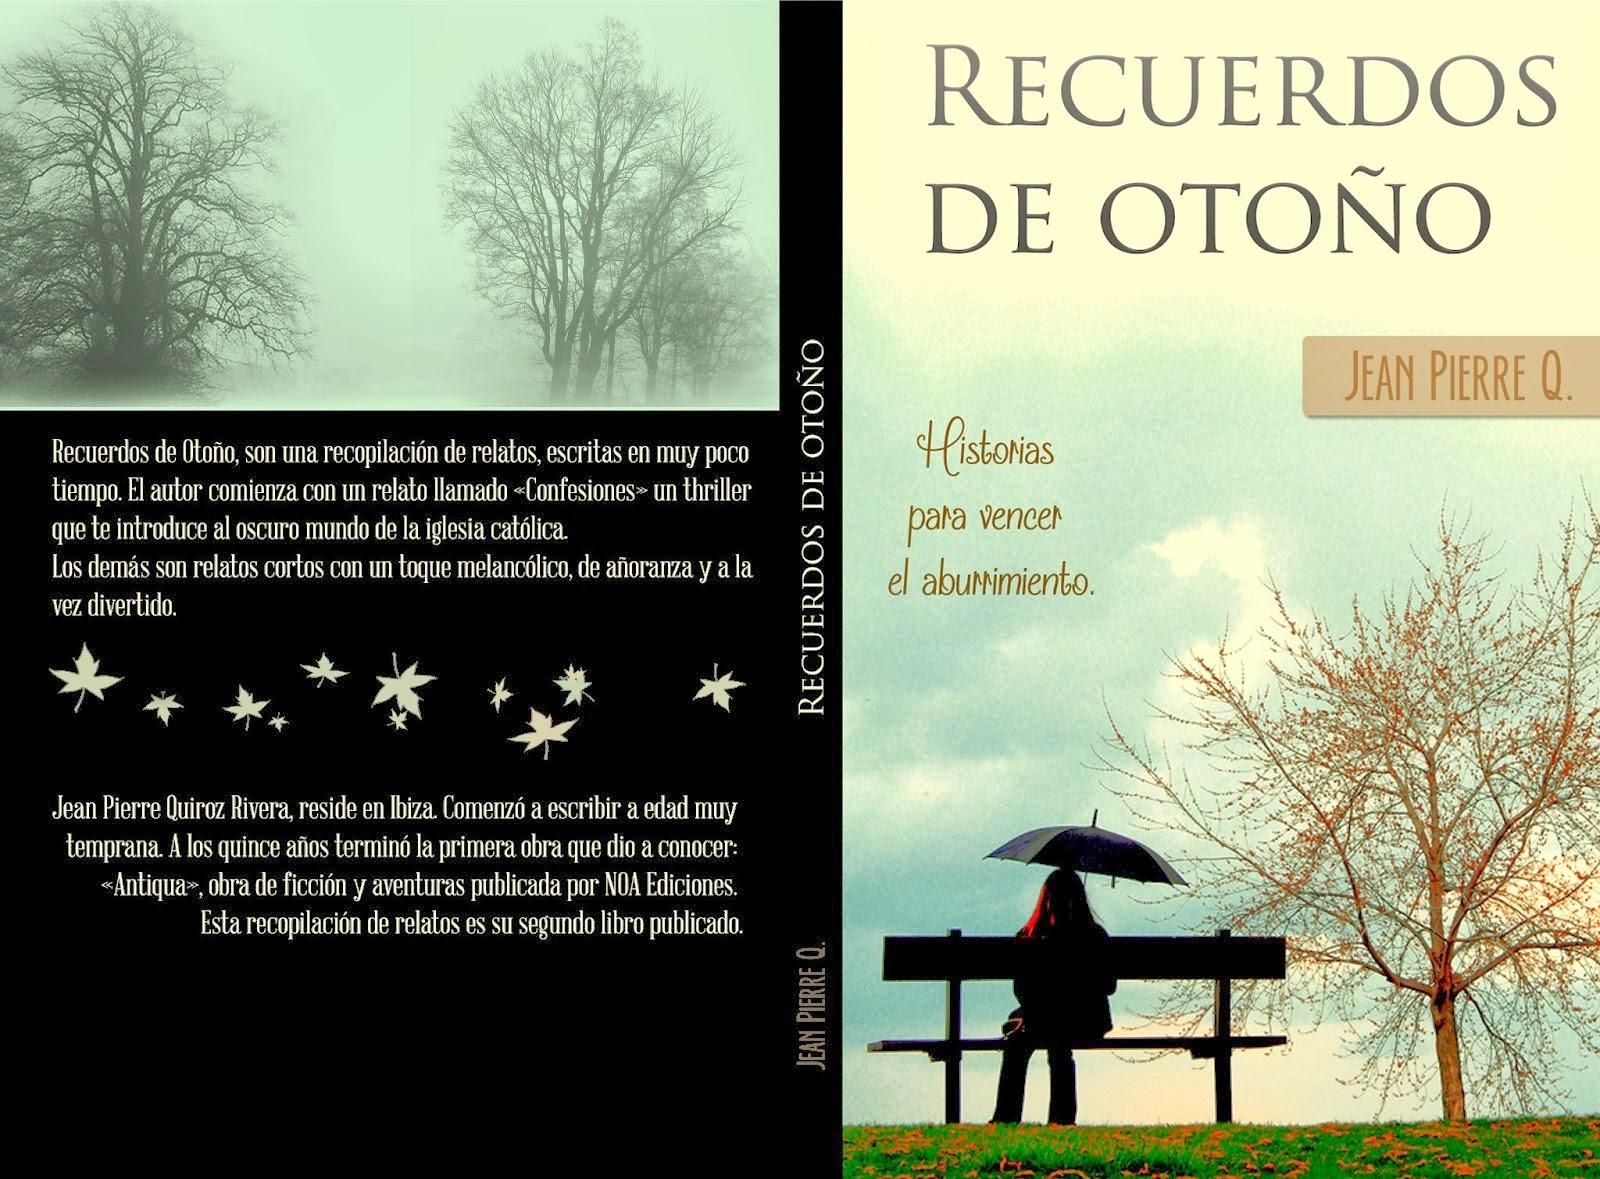 Book Cover Portadas Org : Portadas por alexia jorques covers bv